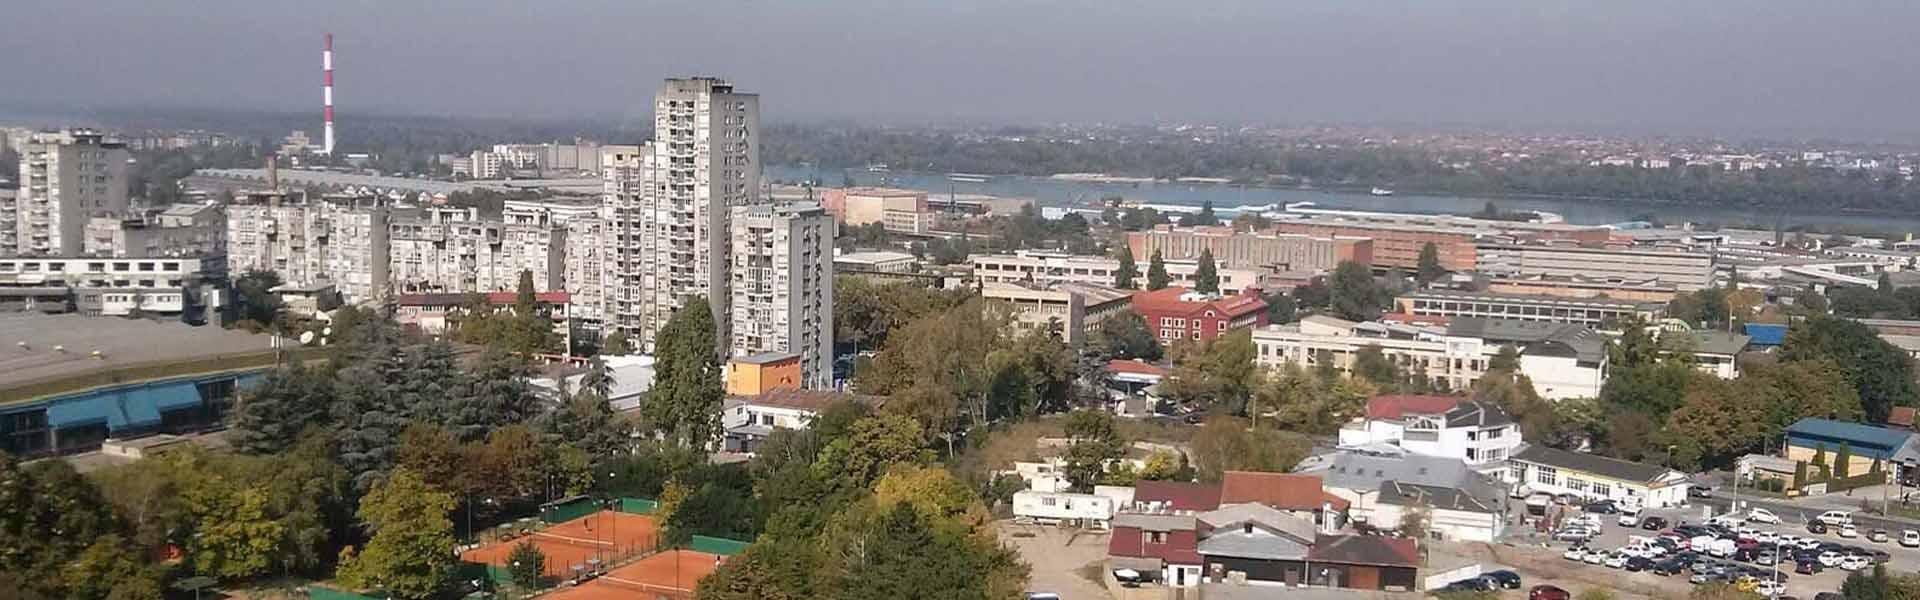 Dostava hrane Karaburma | Beograd